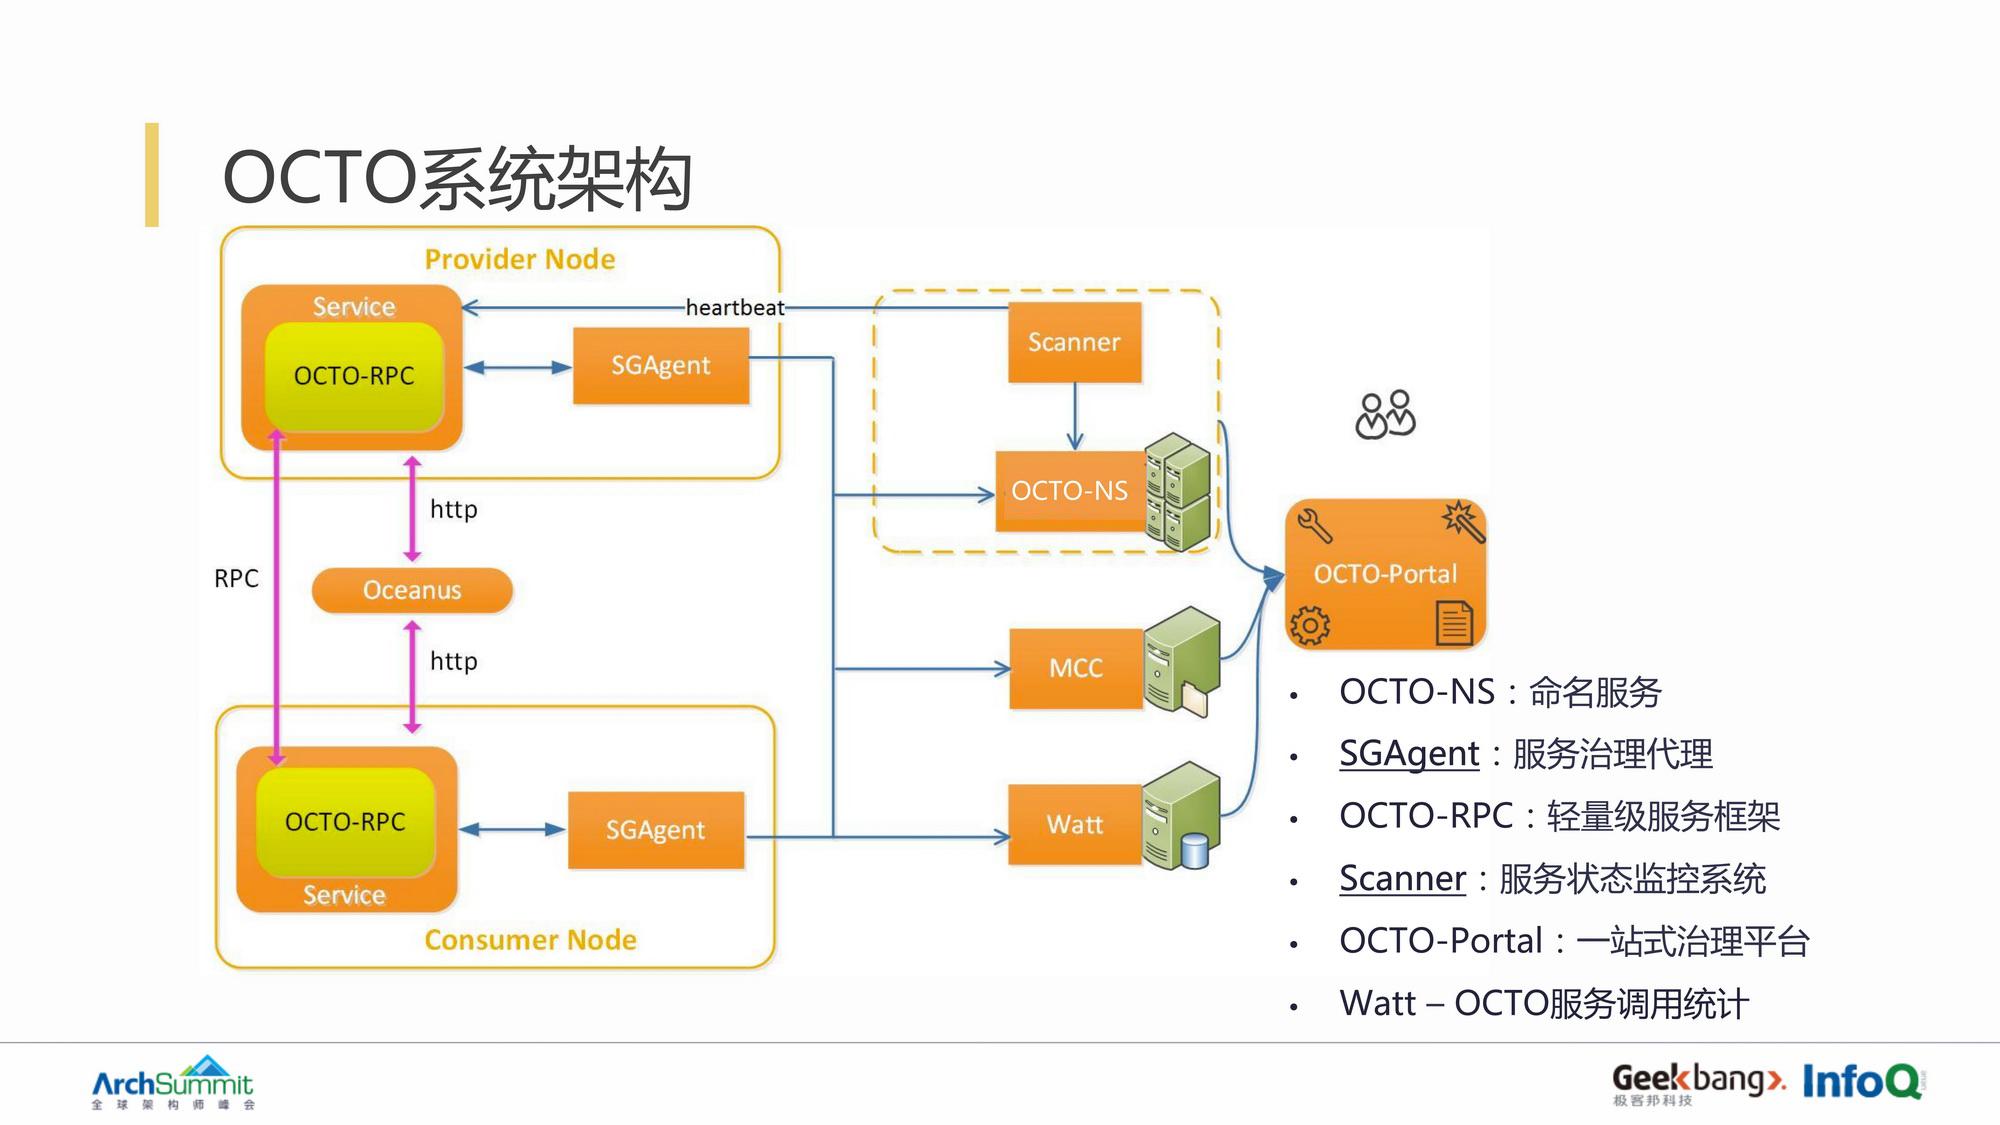 美团点评微服务框架及治理系统 OCTO 演进之路